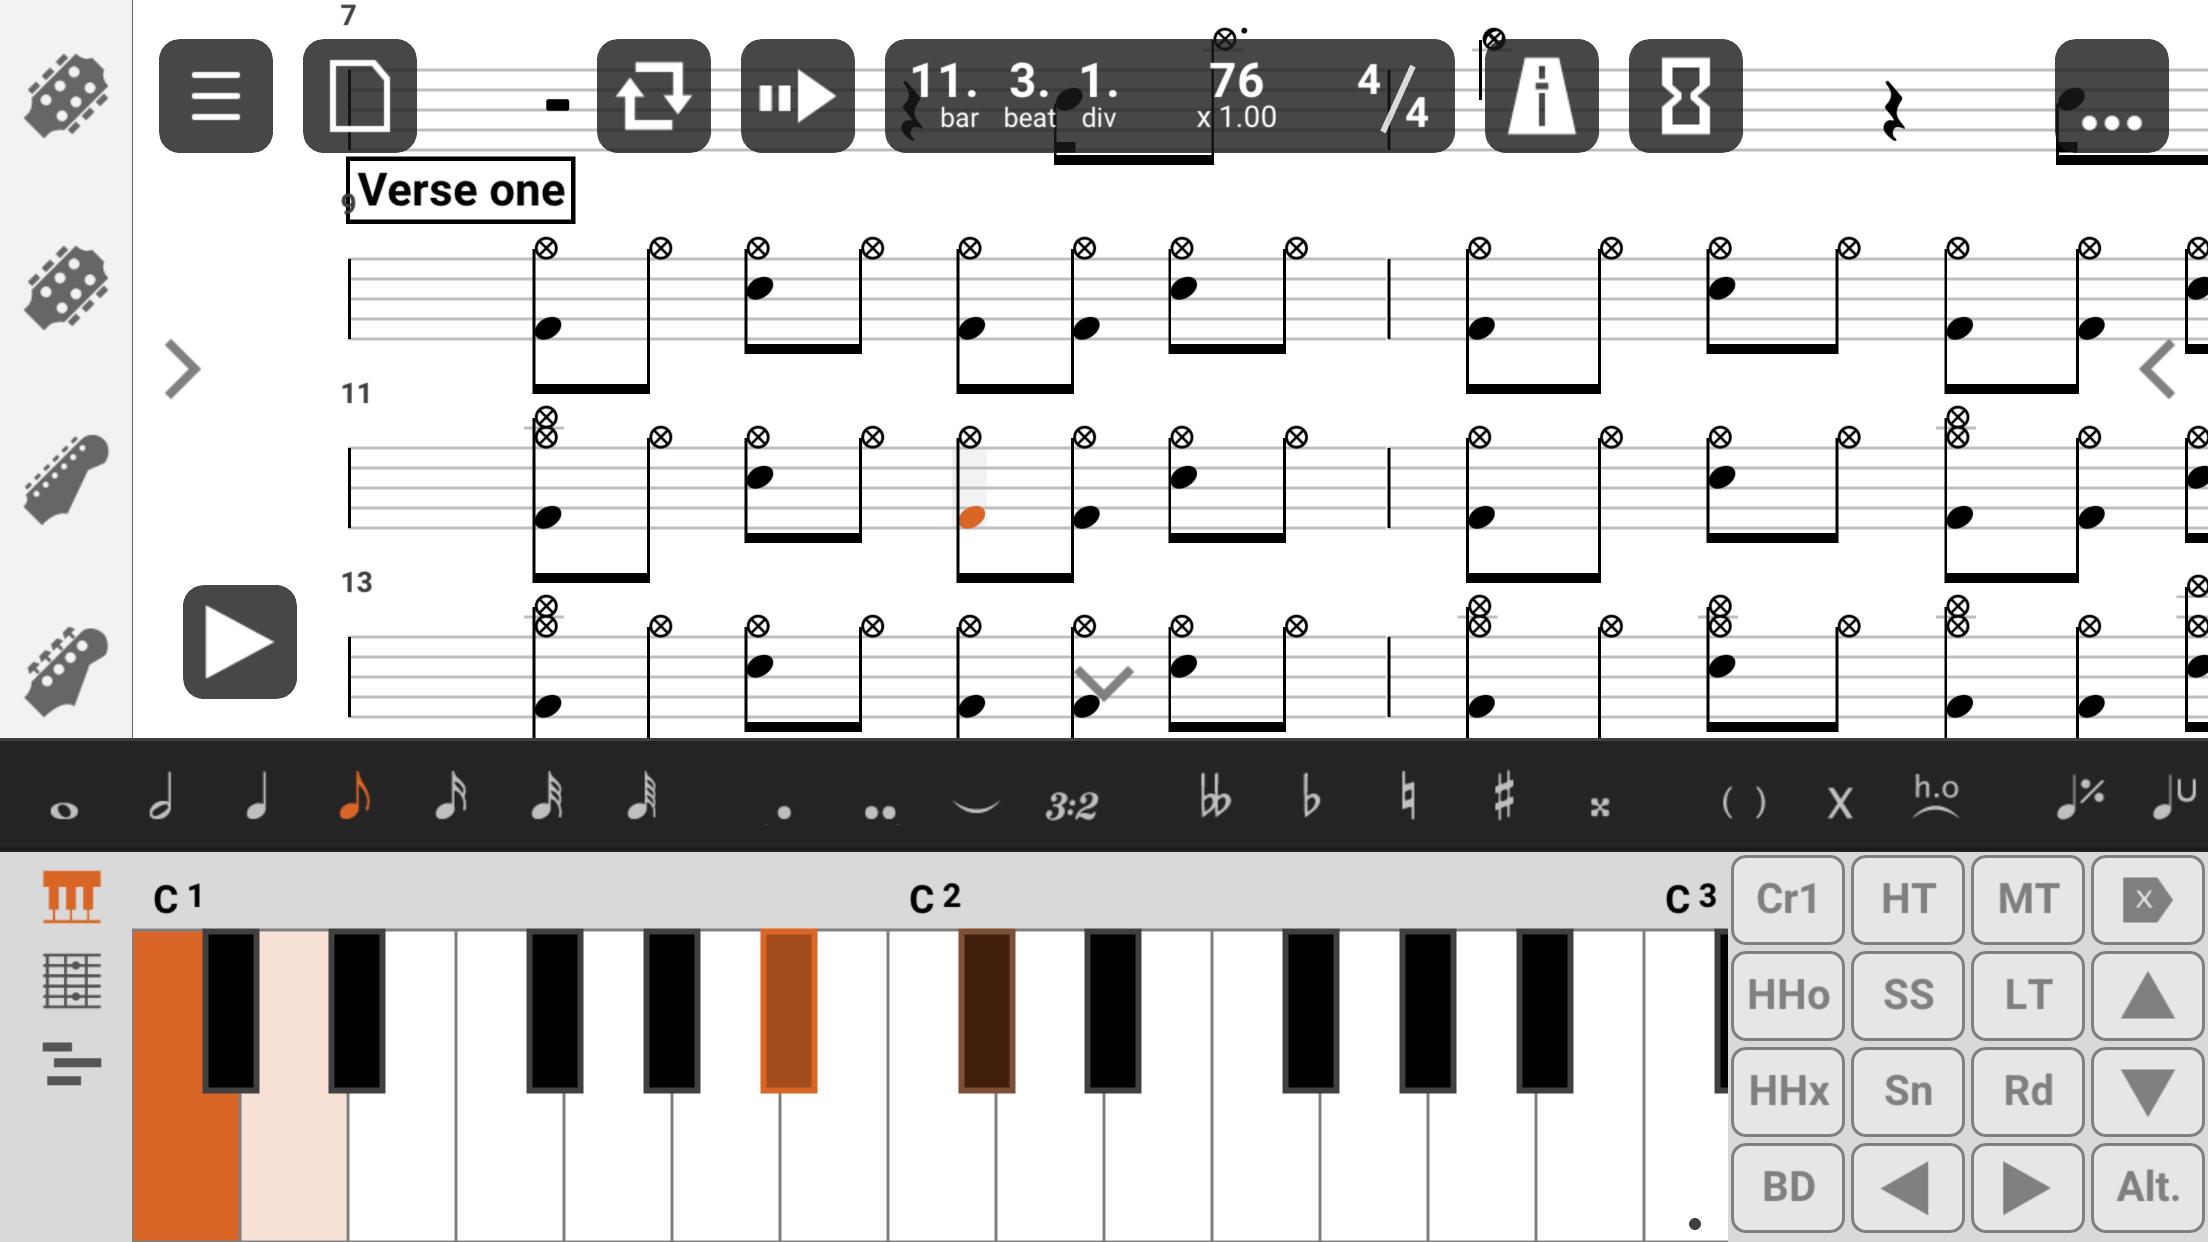 reflow2-screenshot-iphone6plus-3